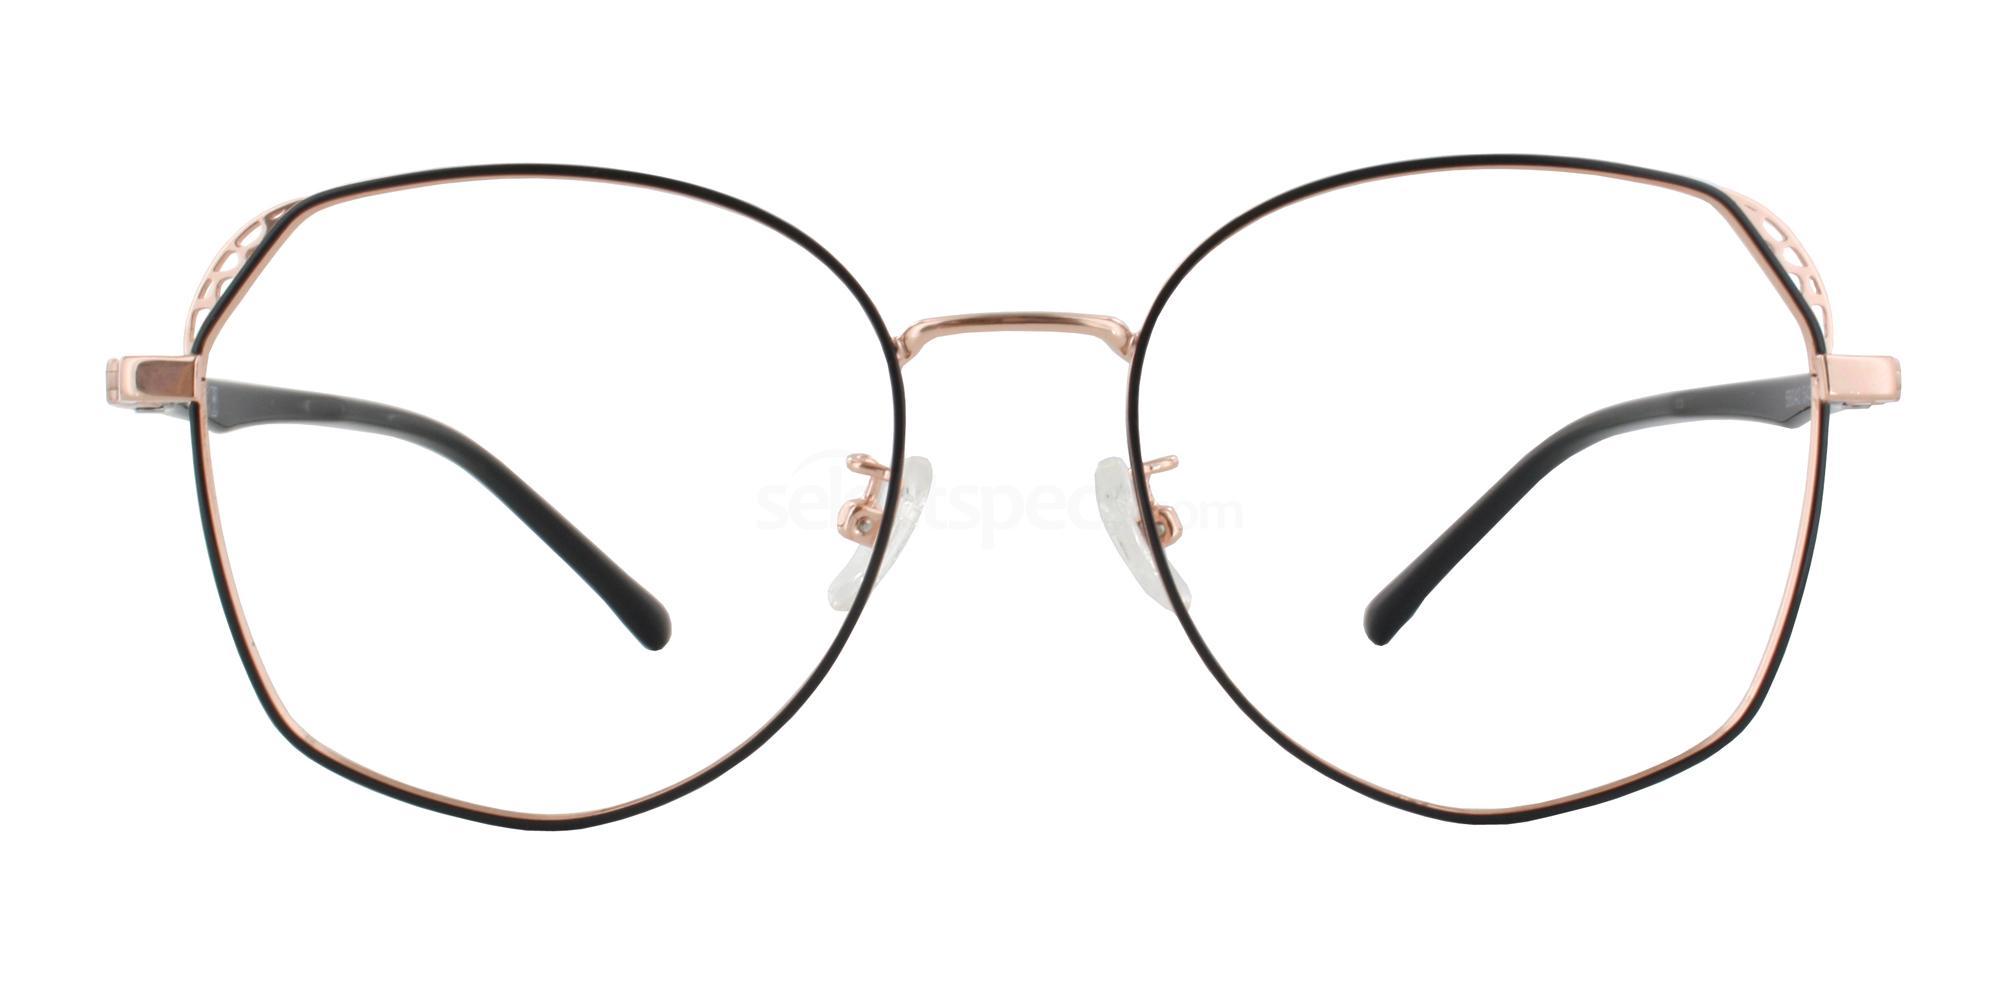 C3 58042 Glasses, SelectSpecs